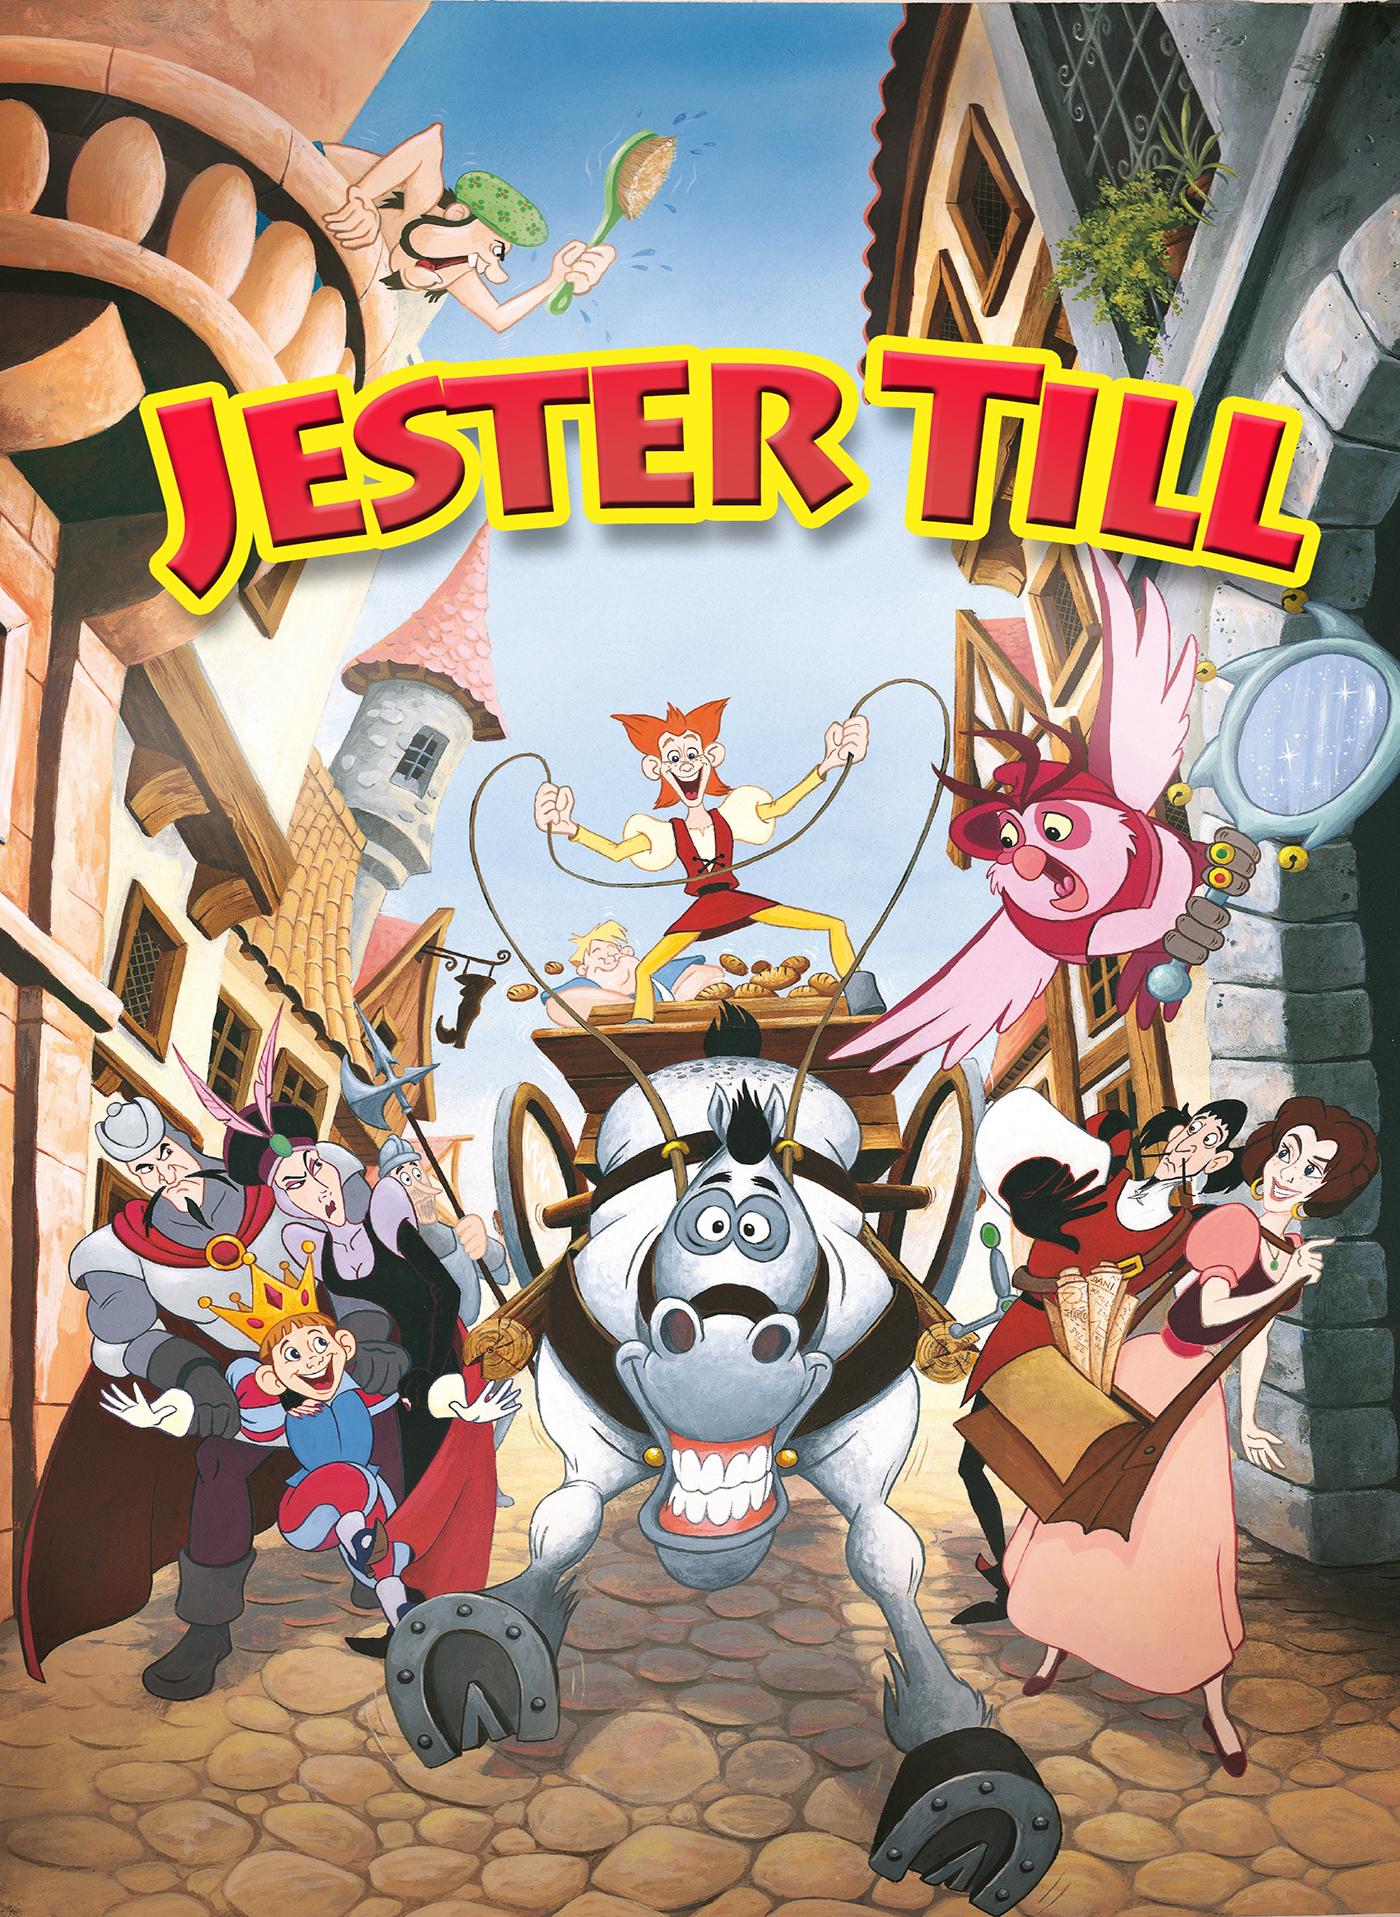 Jester Till